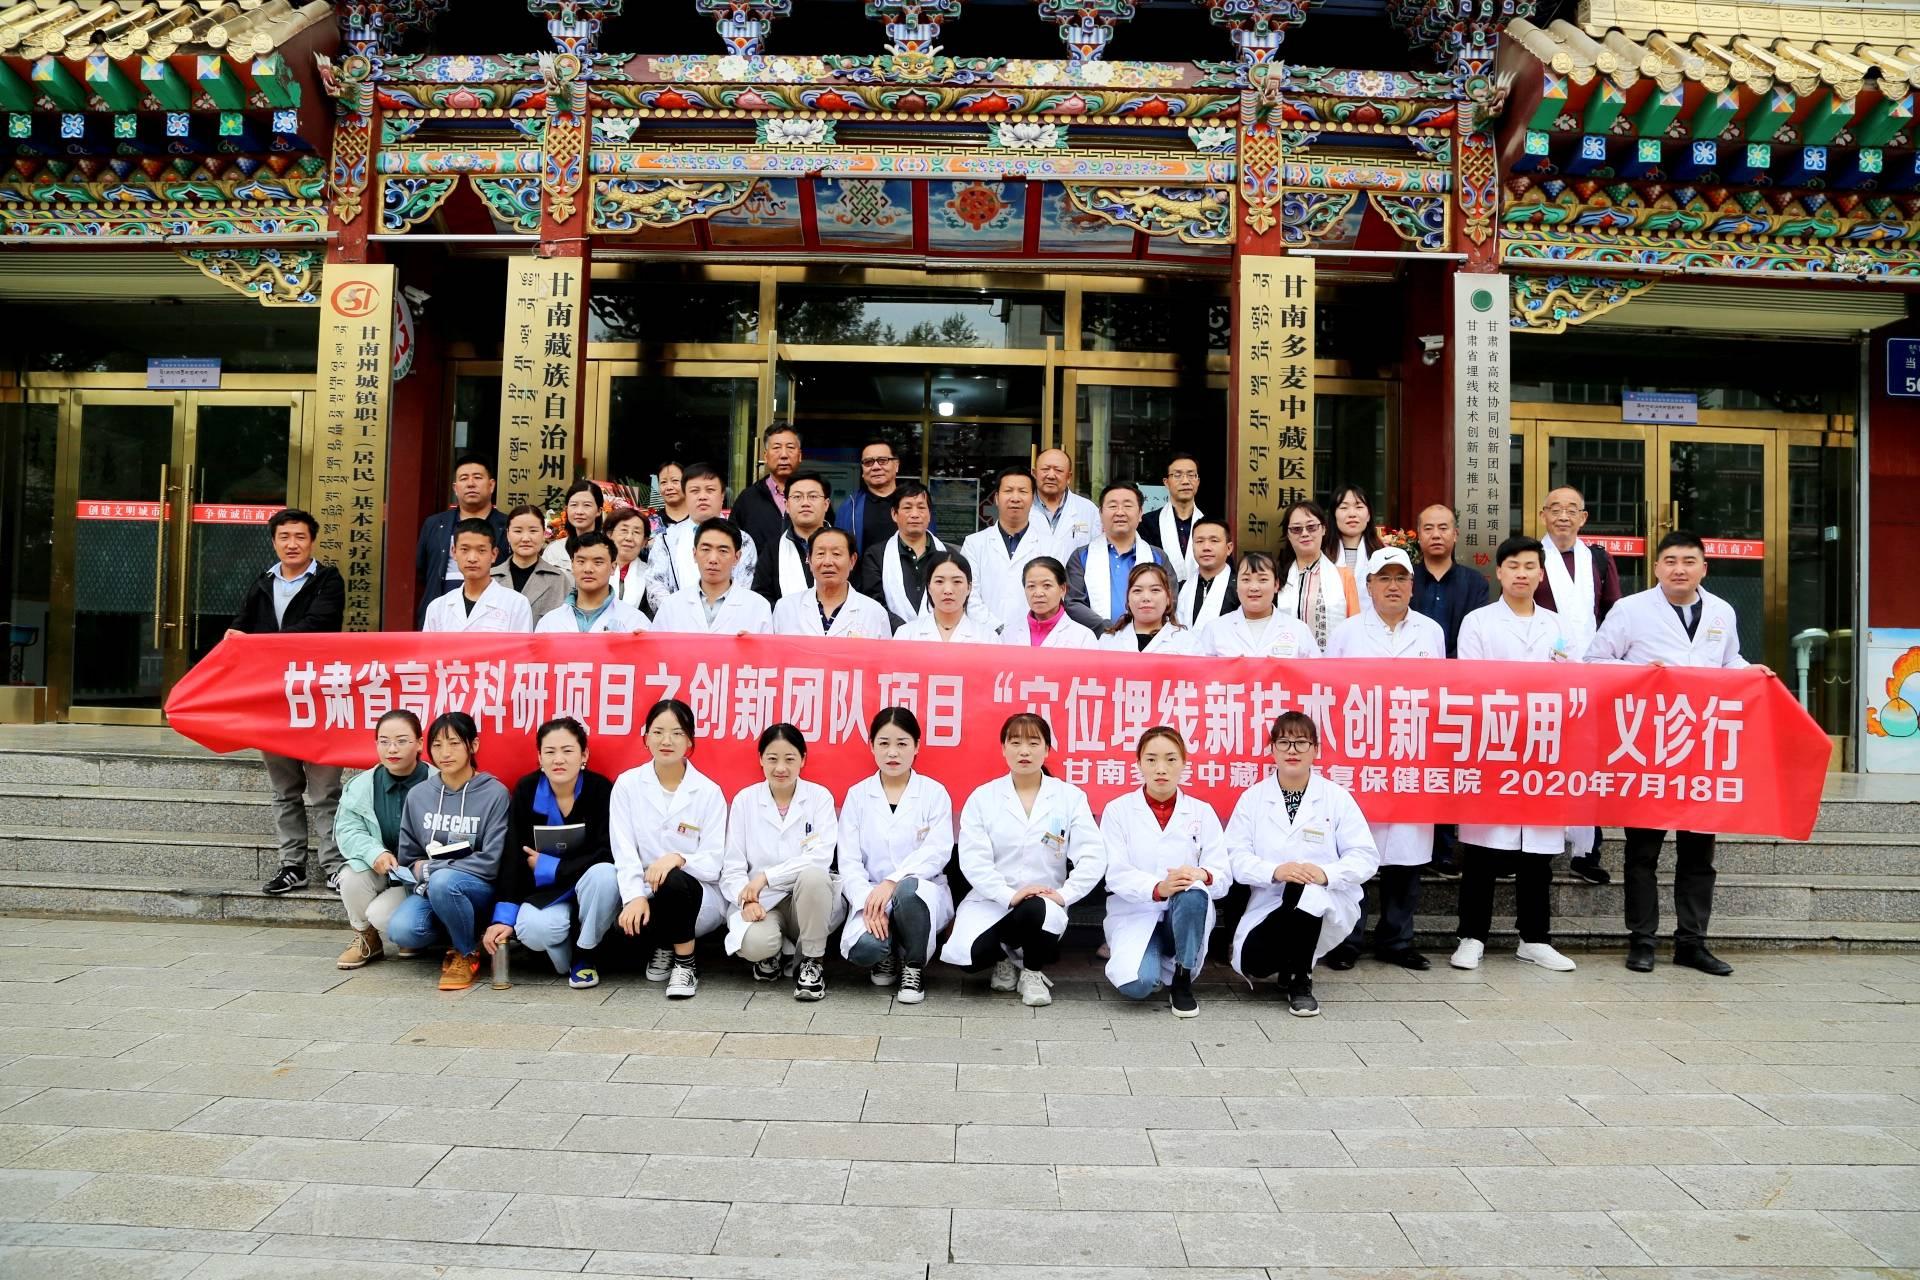 yabo鸭脖视频:甘南多脉中藏医康复保健医院在甘肃省建立穴位埋线临床示范基地